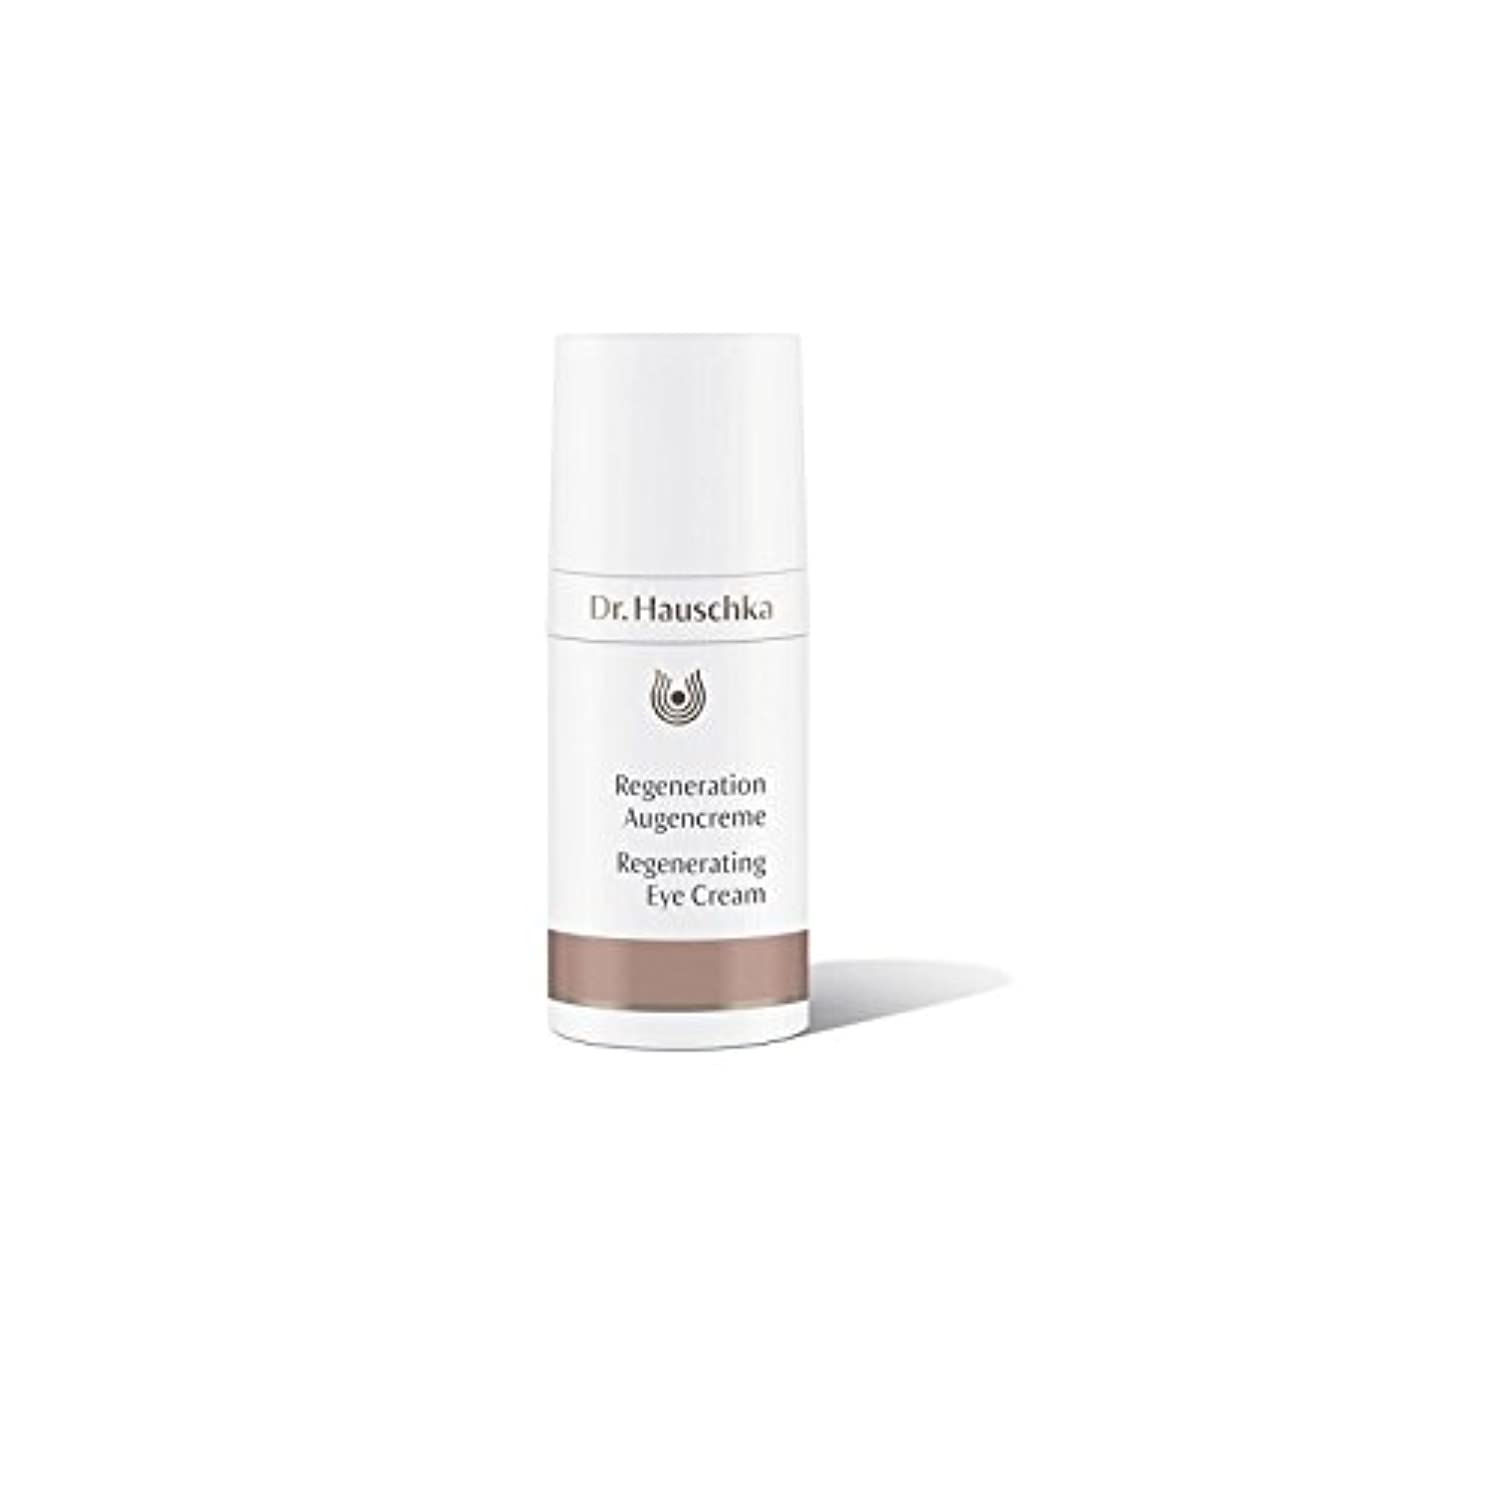 船酔いボンドマザーランドアイクリーム15ミリリットルを再生ハウシュカ x4 - Dr. Hauschka Regenerating Eye Cream 15ml (Pack of 4) [並行輸入品]